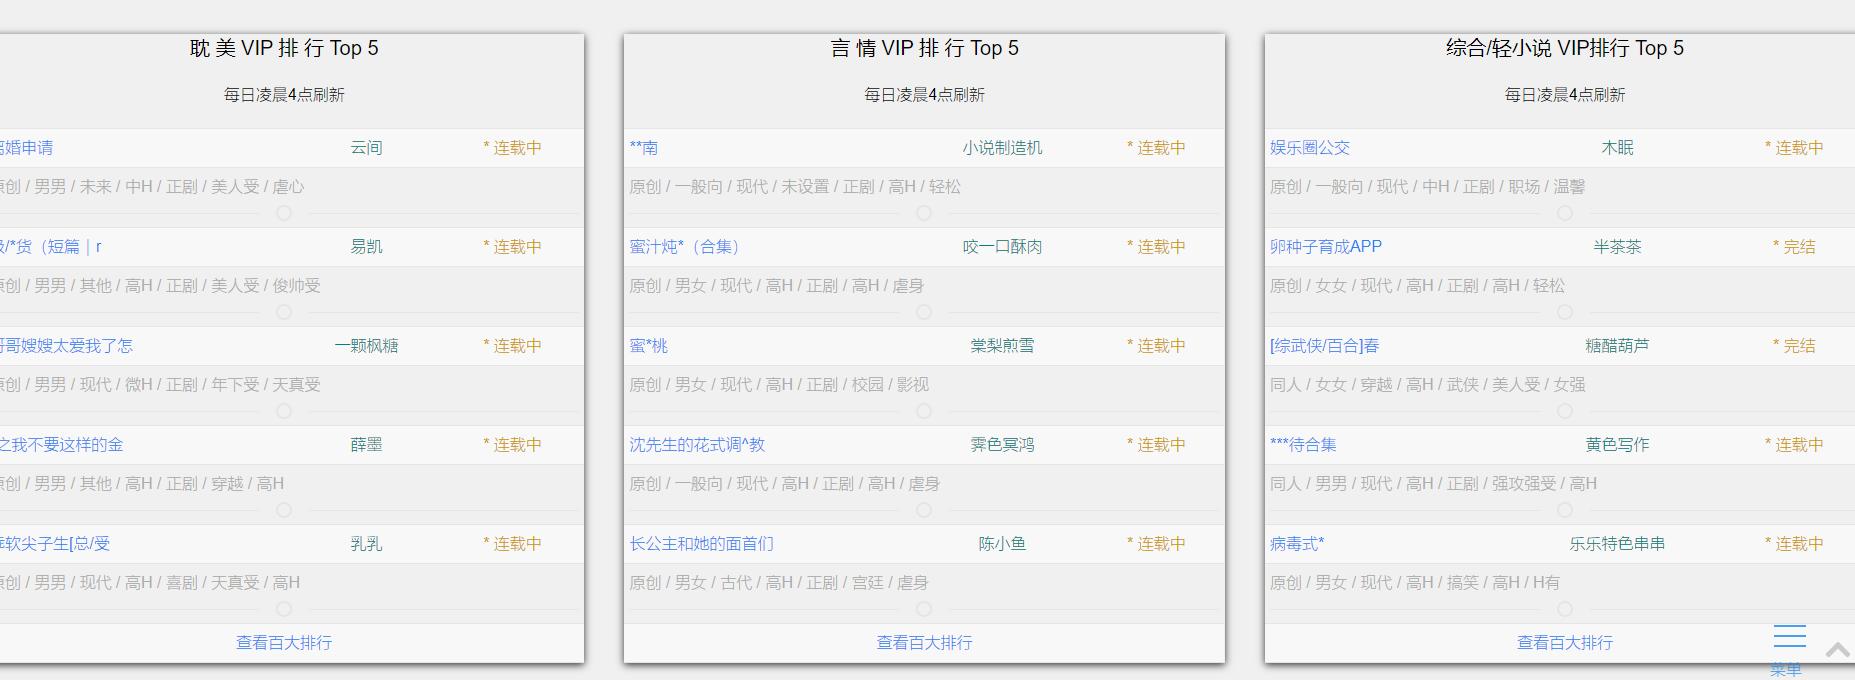 海棠文学城网站好文